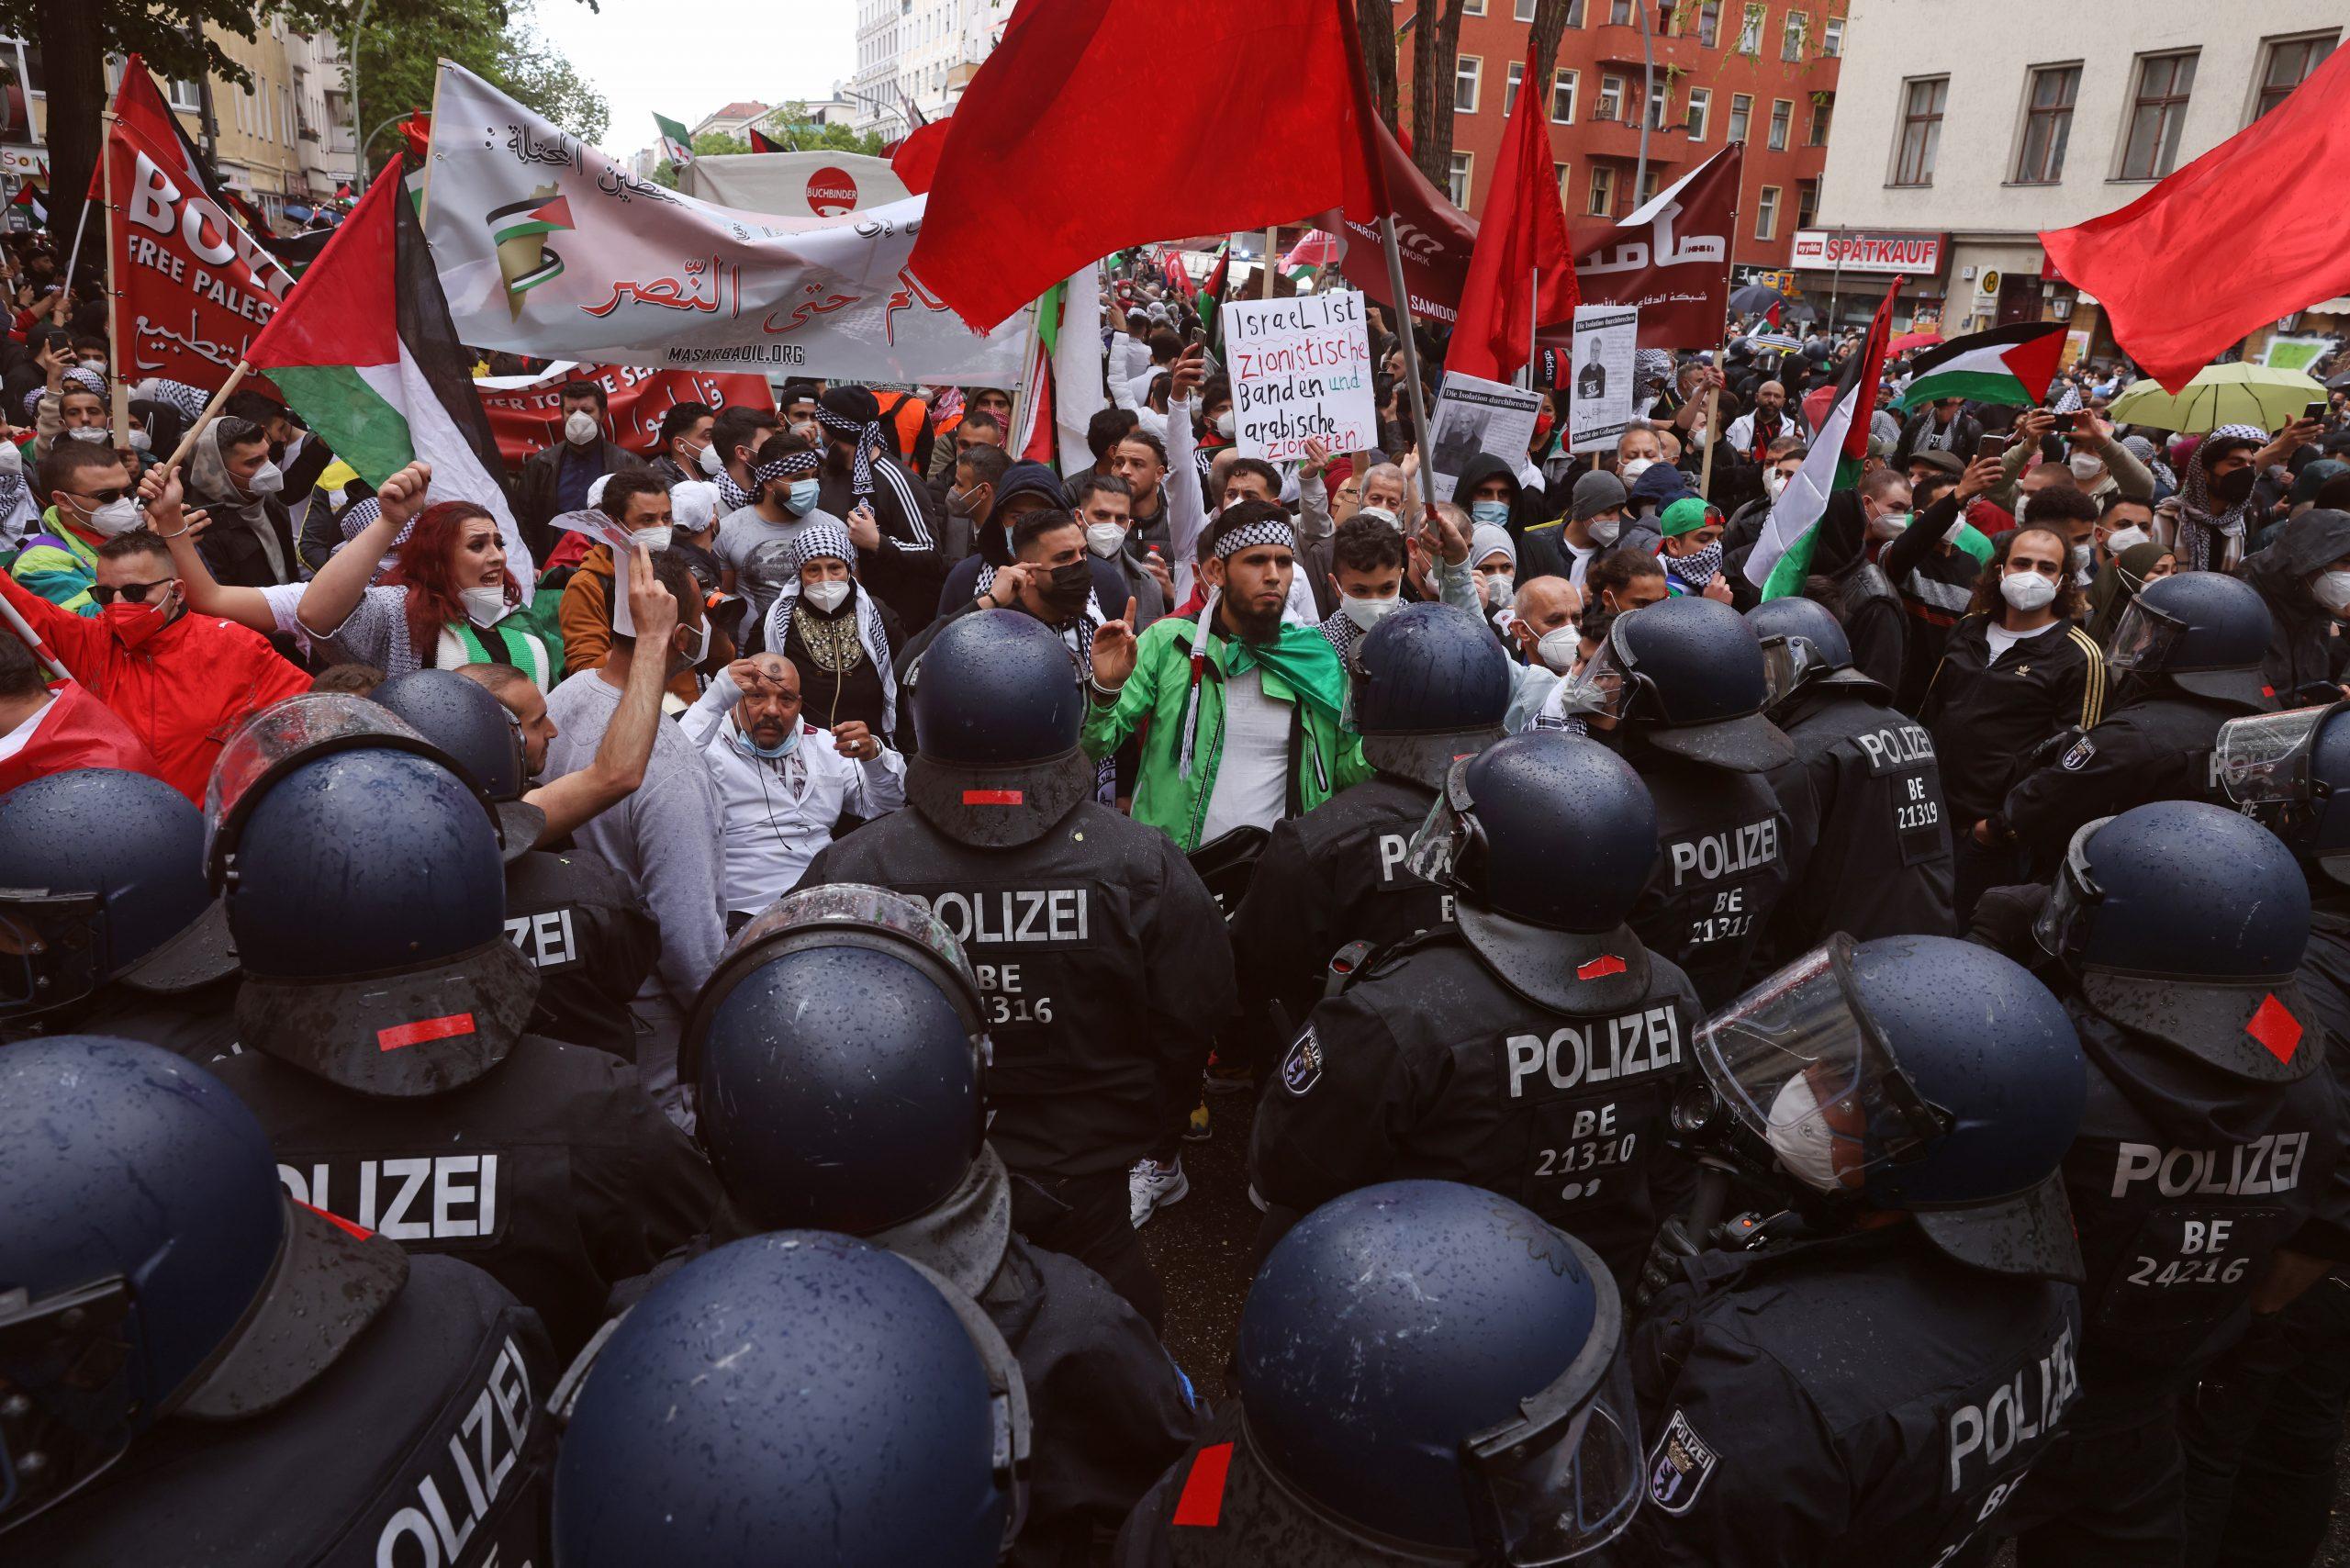 Pro-Palästinenser-Demo in Neukölln eskaliert – 59 Festnahmen, 93 verletzte Polizisten